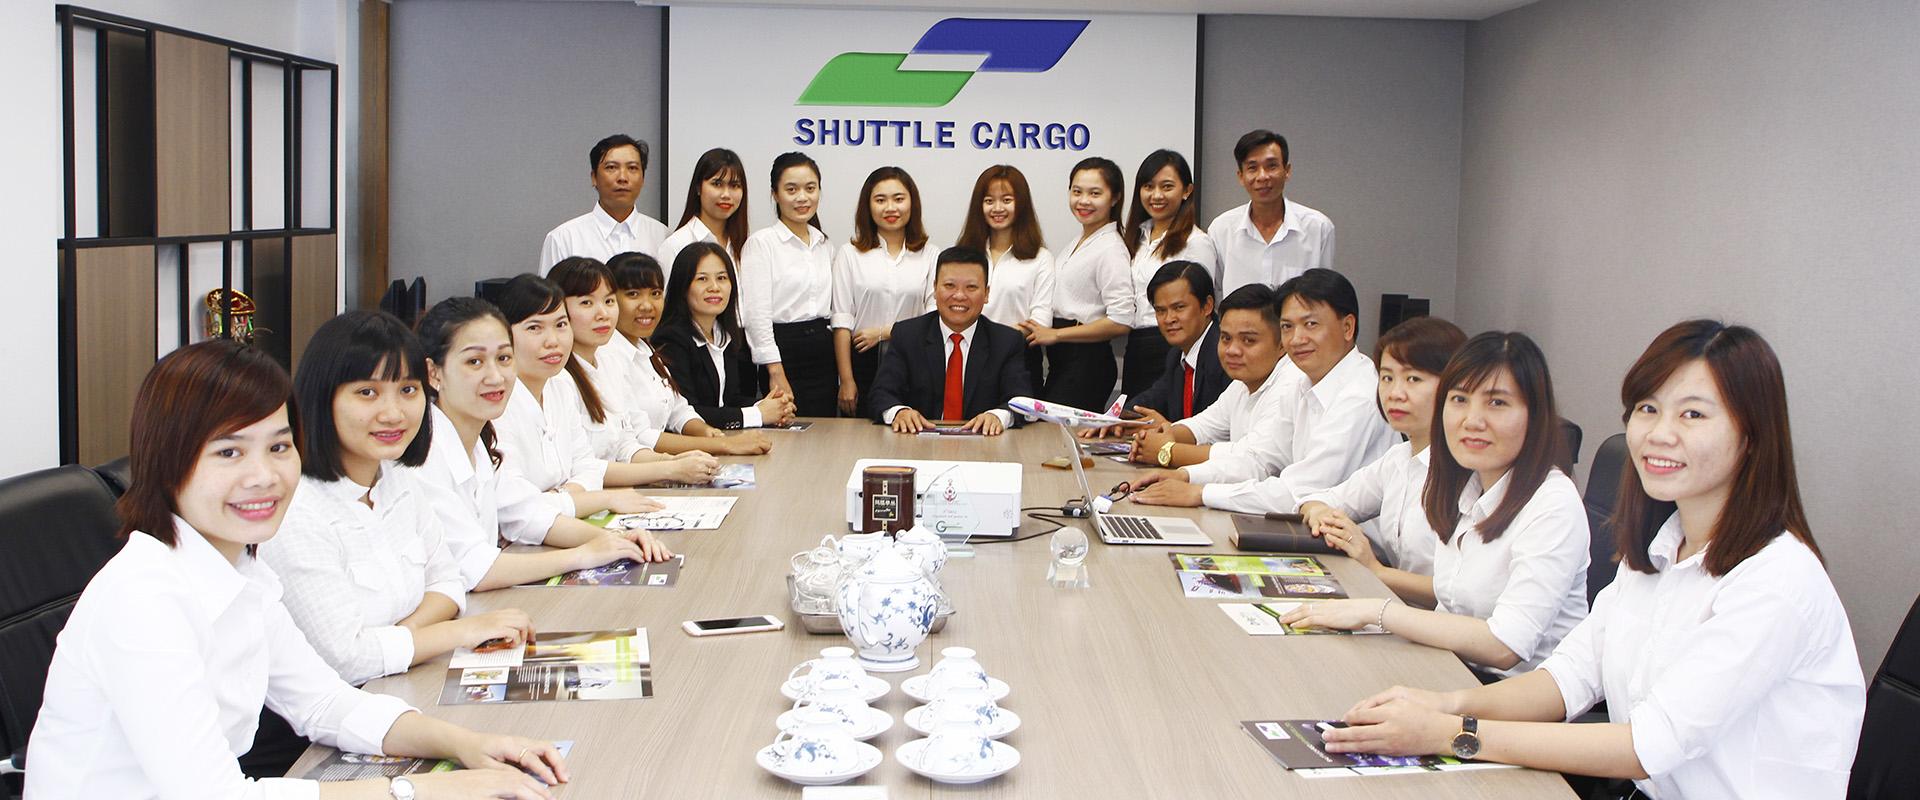 Giới thiệu shuttlecargo